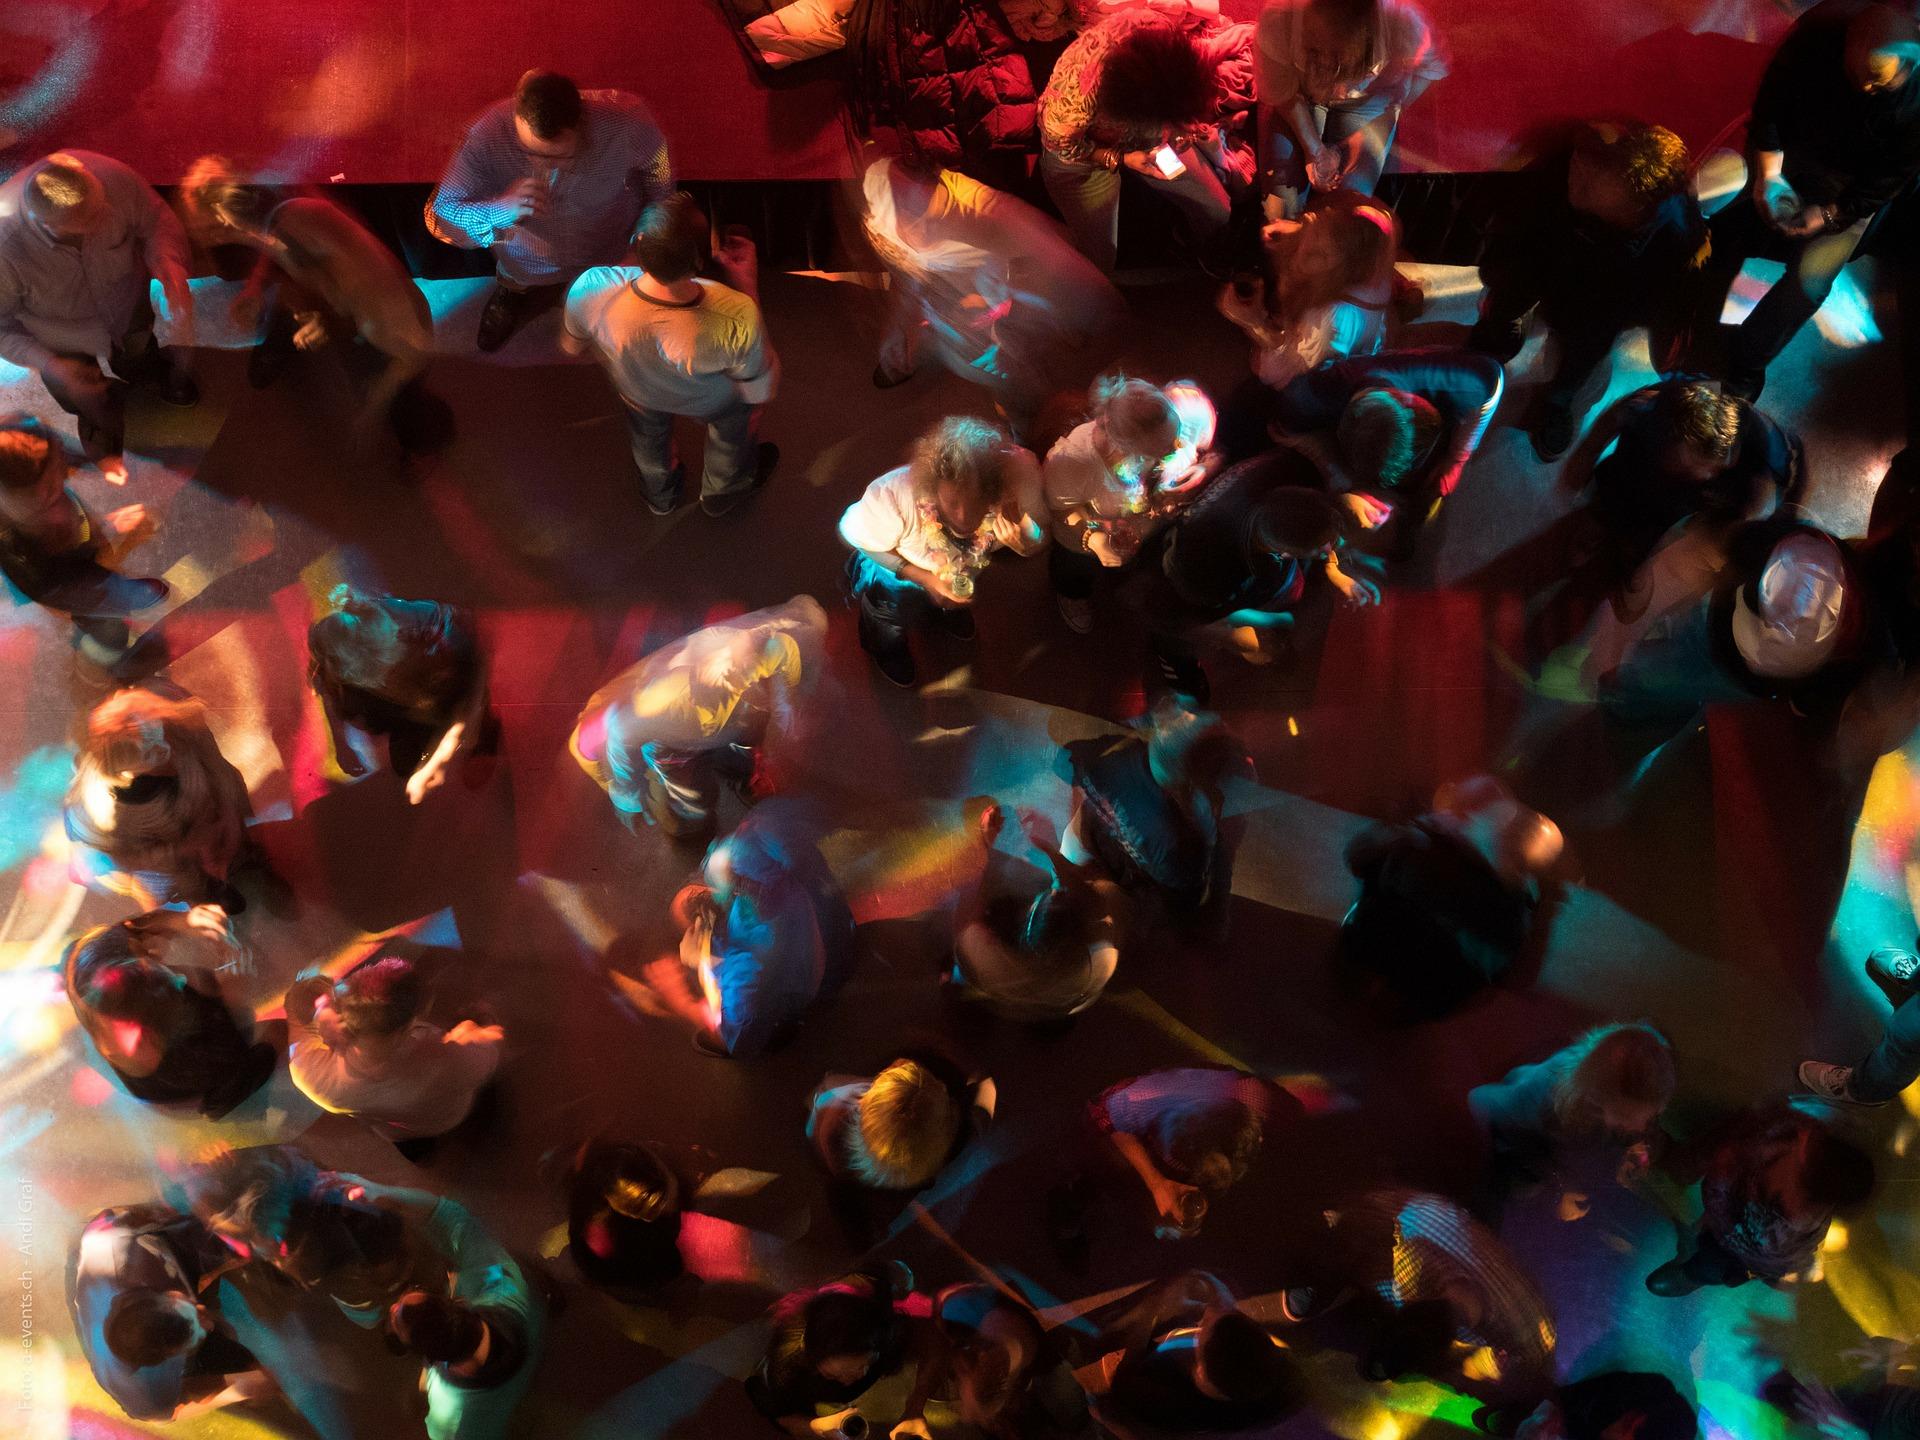 Youth having fun in a discobar